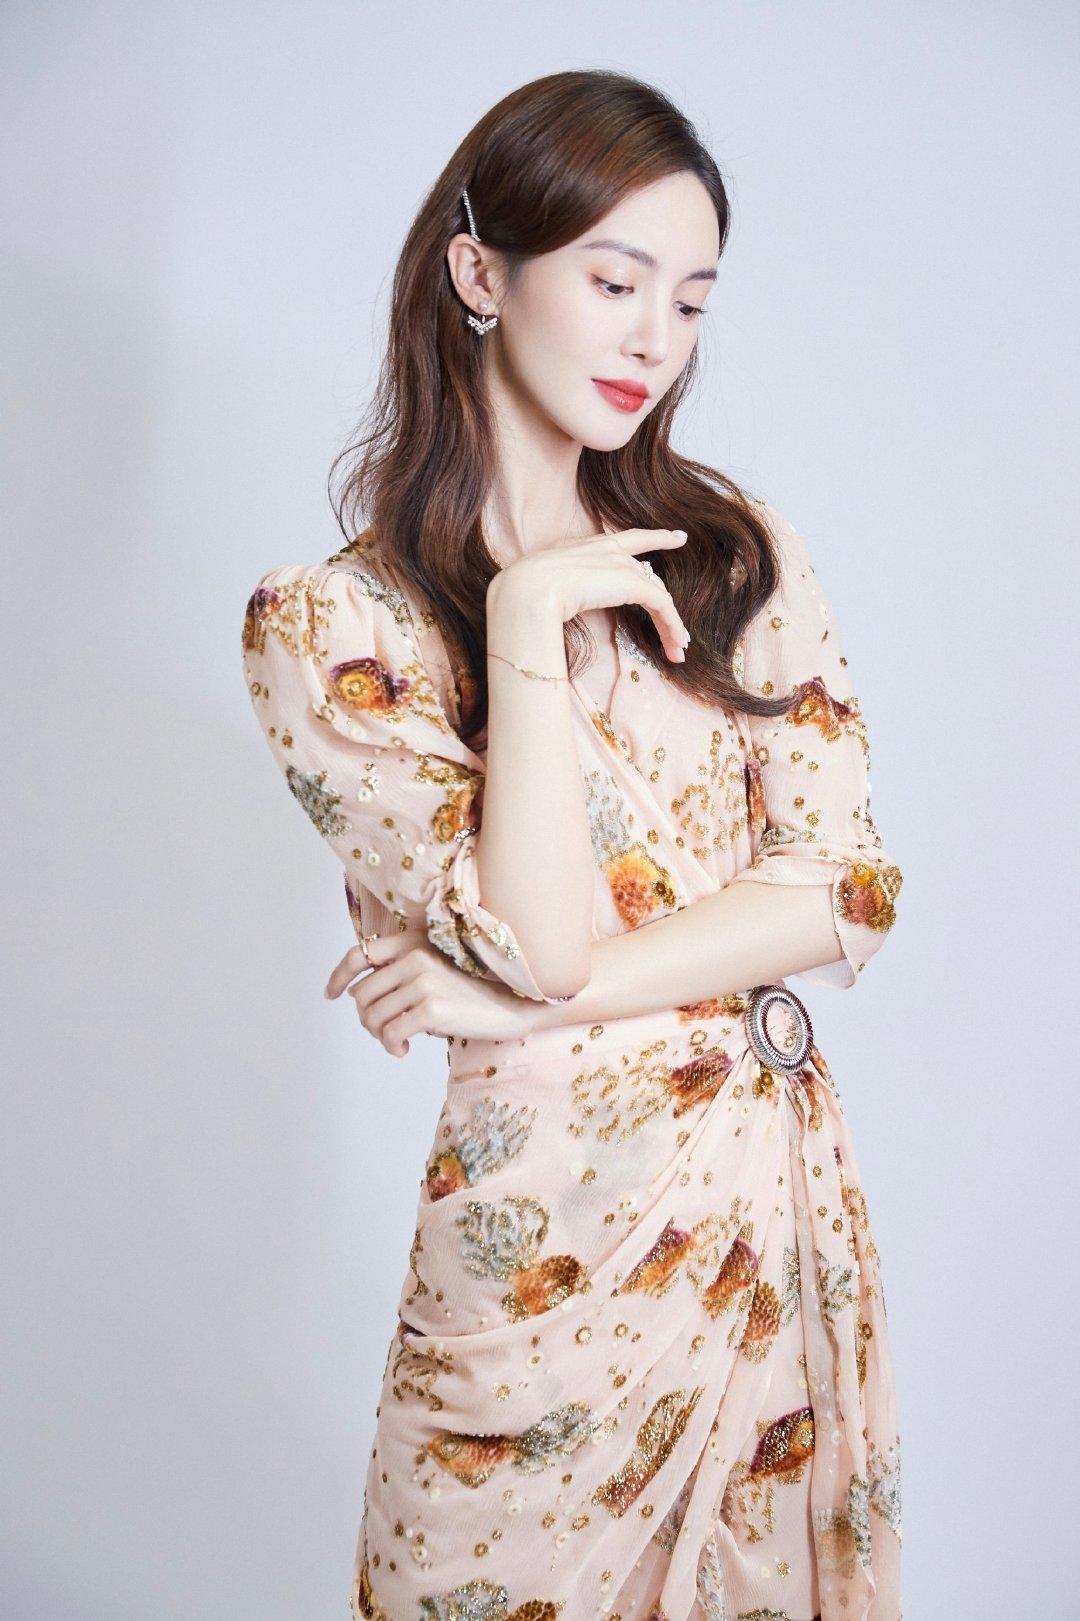 金晨和张萌同款LANVIN连衣裙造型分享……